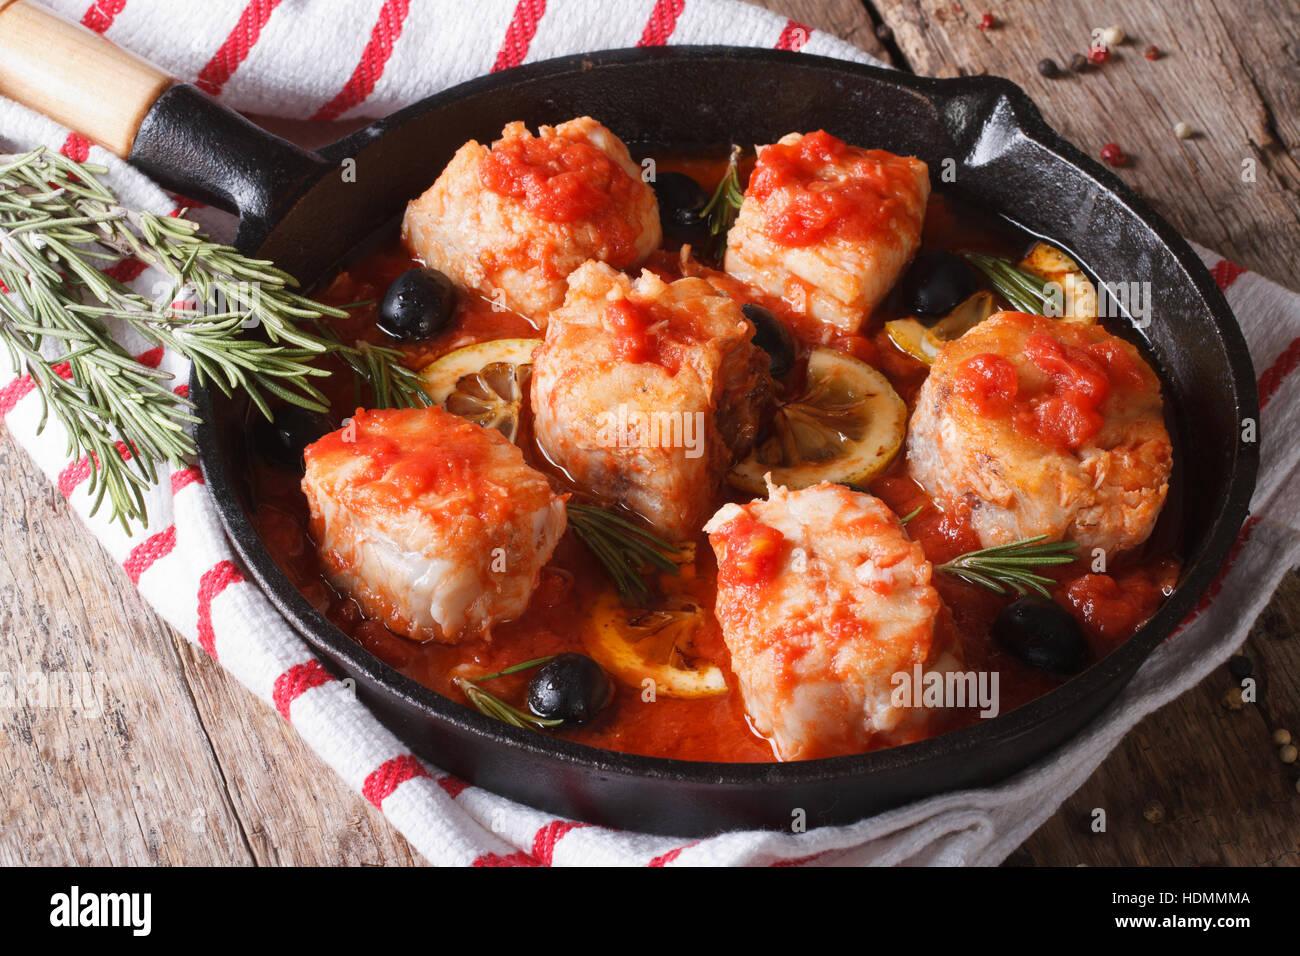 Filet de poisson en sauce tomate dans une casserole et les ingrédients sur la table horizontale. Photo Stock